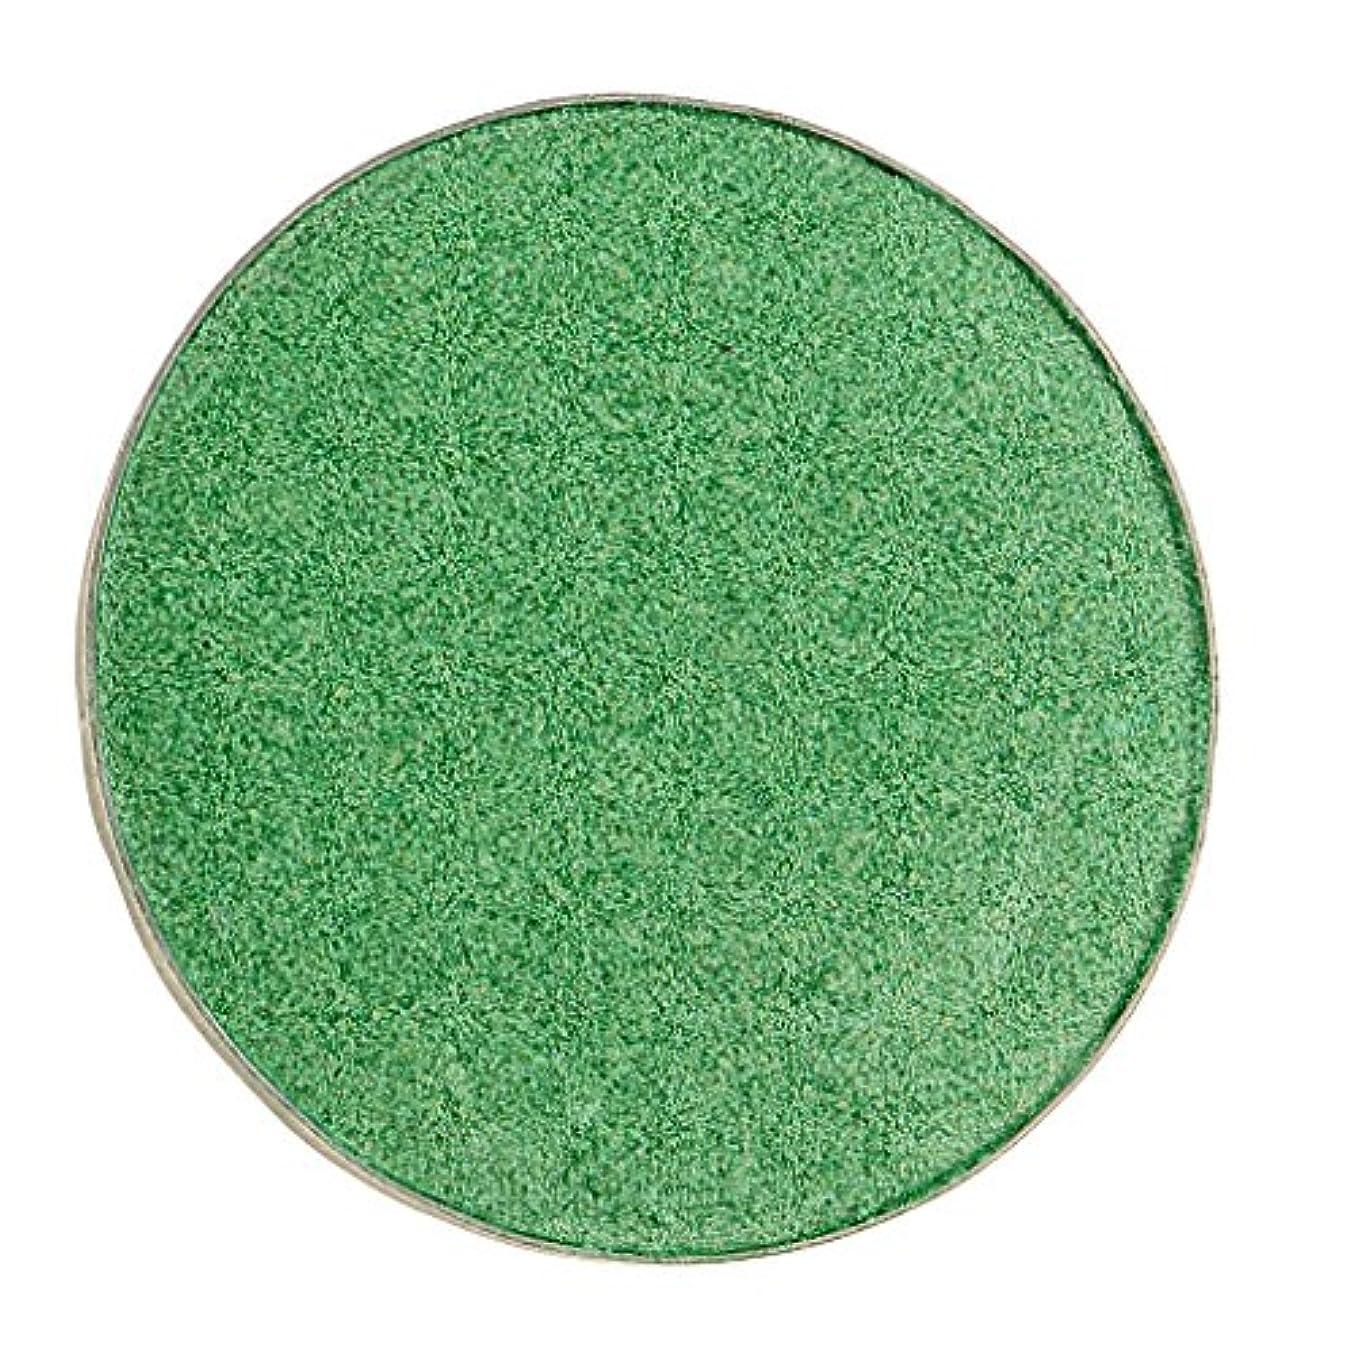 分泌する毎回準備した化粧品用 アイシャドウ ハイライター パレット マット シマー アイシャドーメイク 目 魅力的 全5色 - #38グリーン